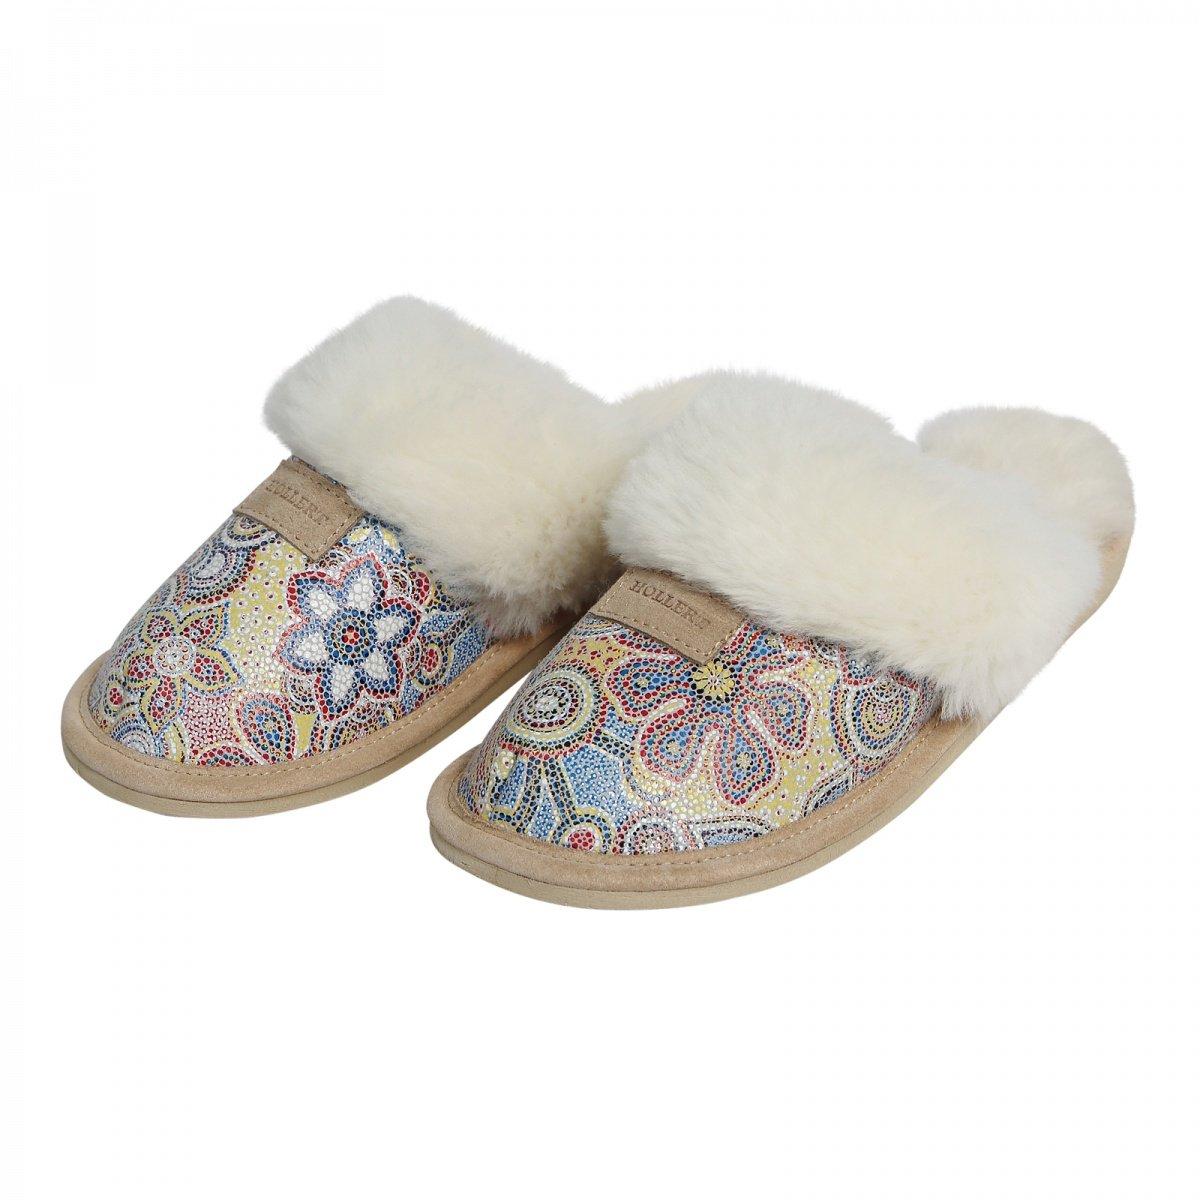 Lammfell Hausschuhe SYDNEY MODELL 4 Damen Pantoffeln Puschen Echtfell Schuhe